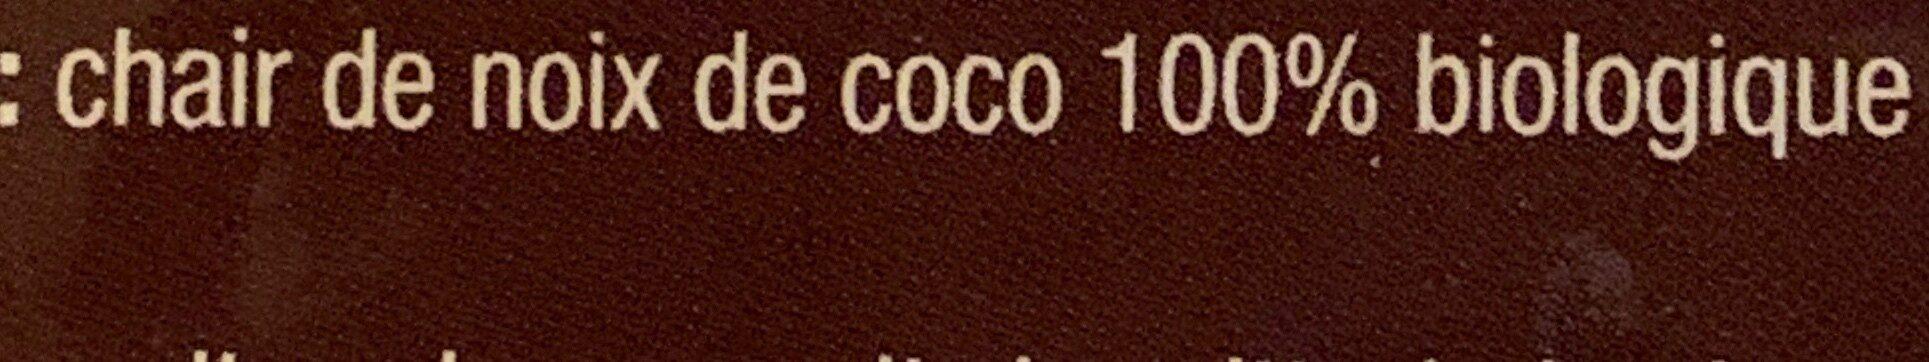 Farine de coco - Ingrédients - fr